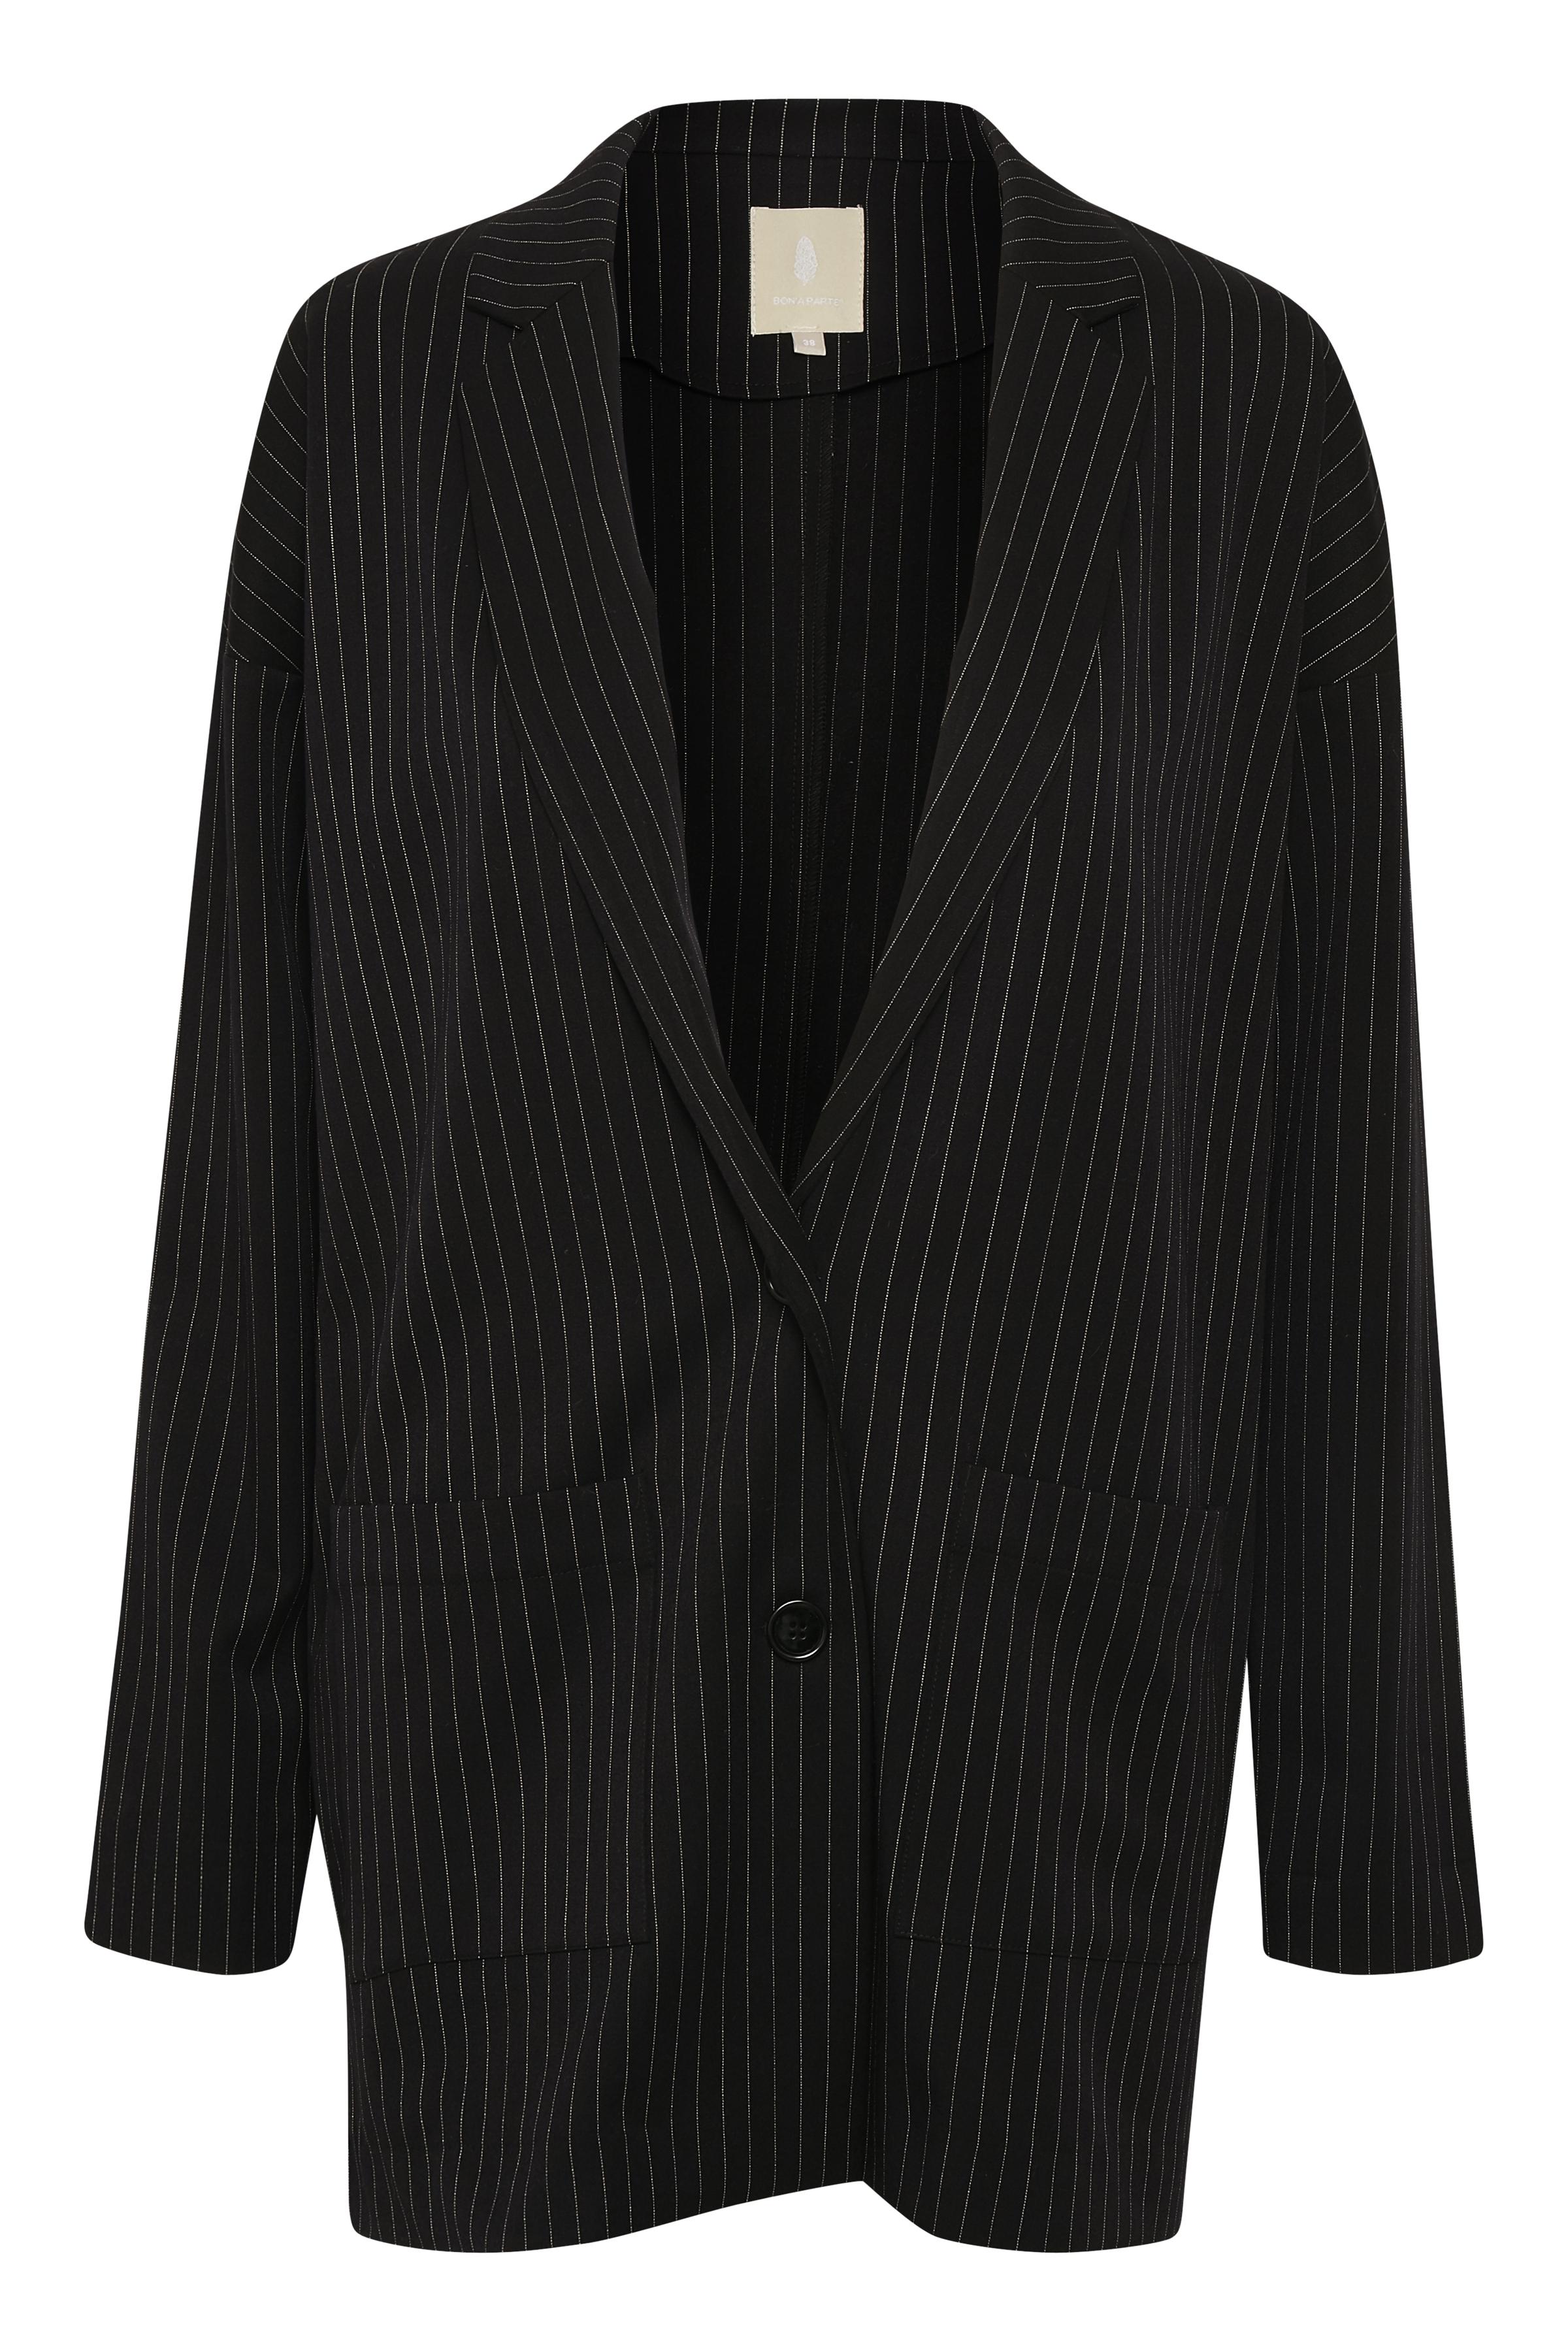 Schwarz Blazer von Bon'A Parte – Shoppen Sie Schwarz Blazer ab Gr. 36-48 hier